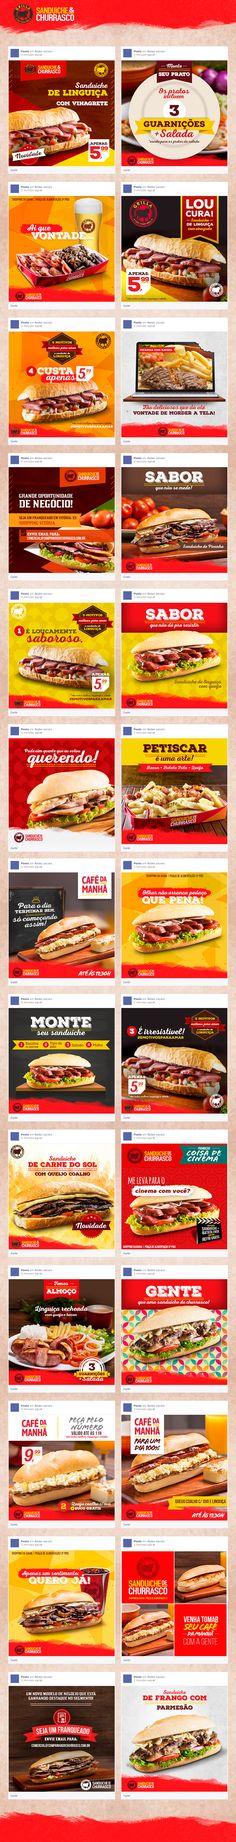 criaa a o de pea as para as redes sociais do restaurante grilla sandua ches de churrasco